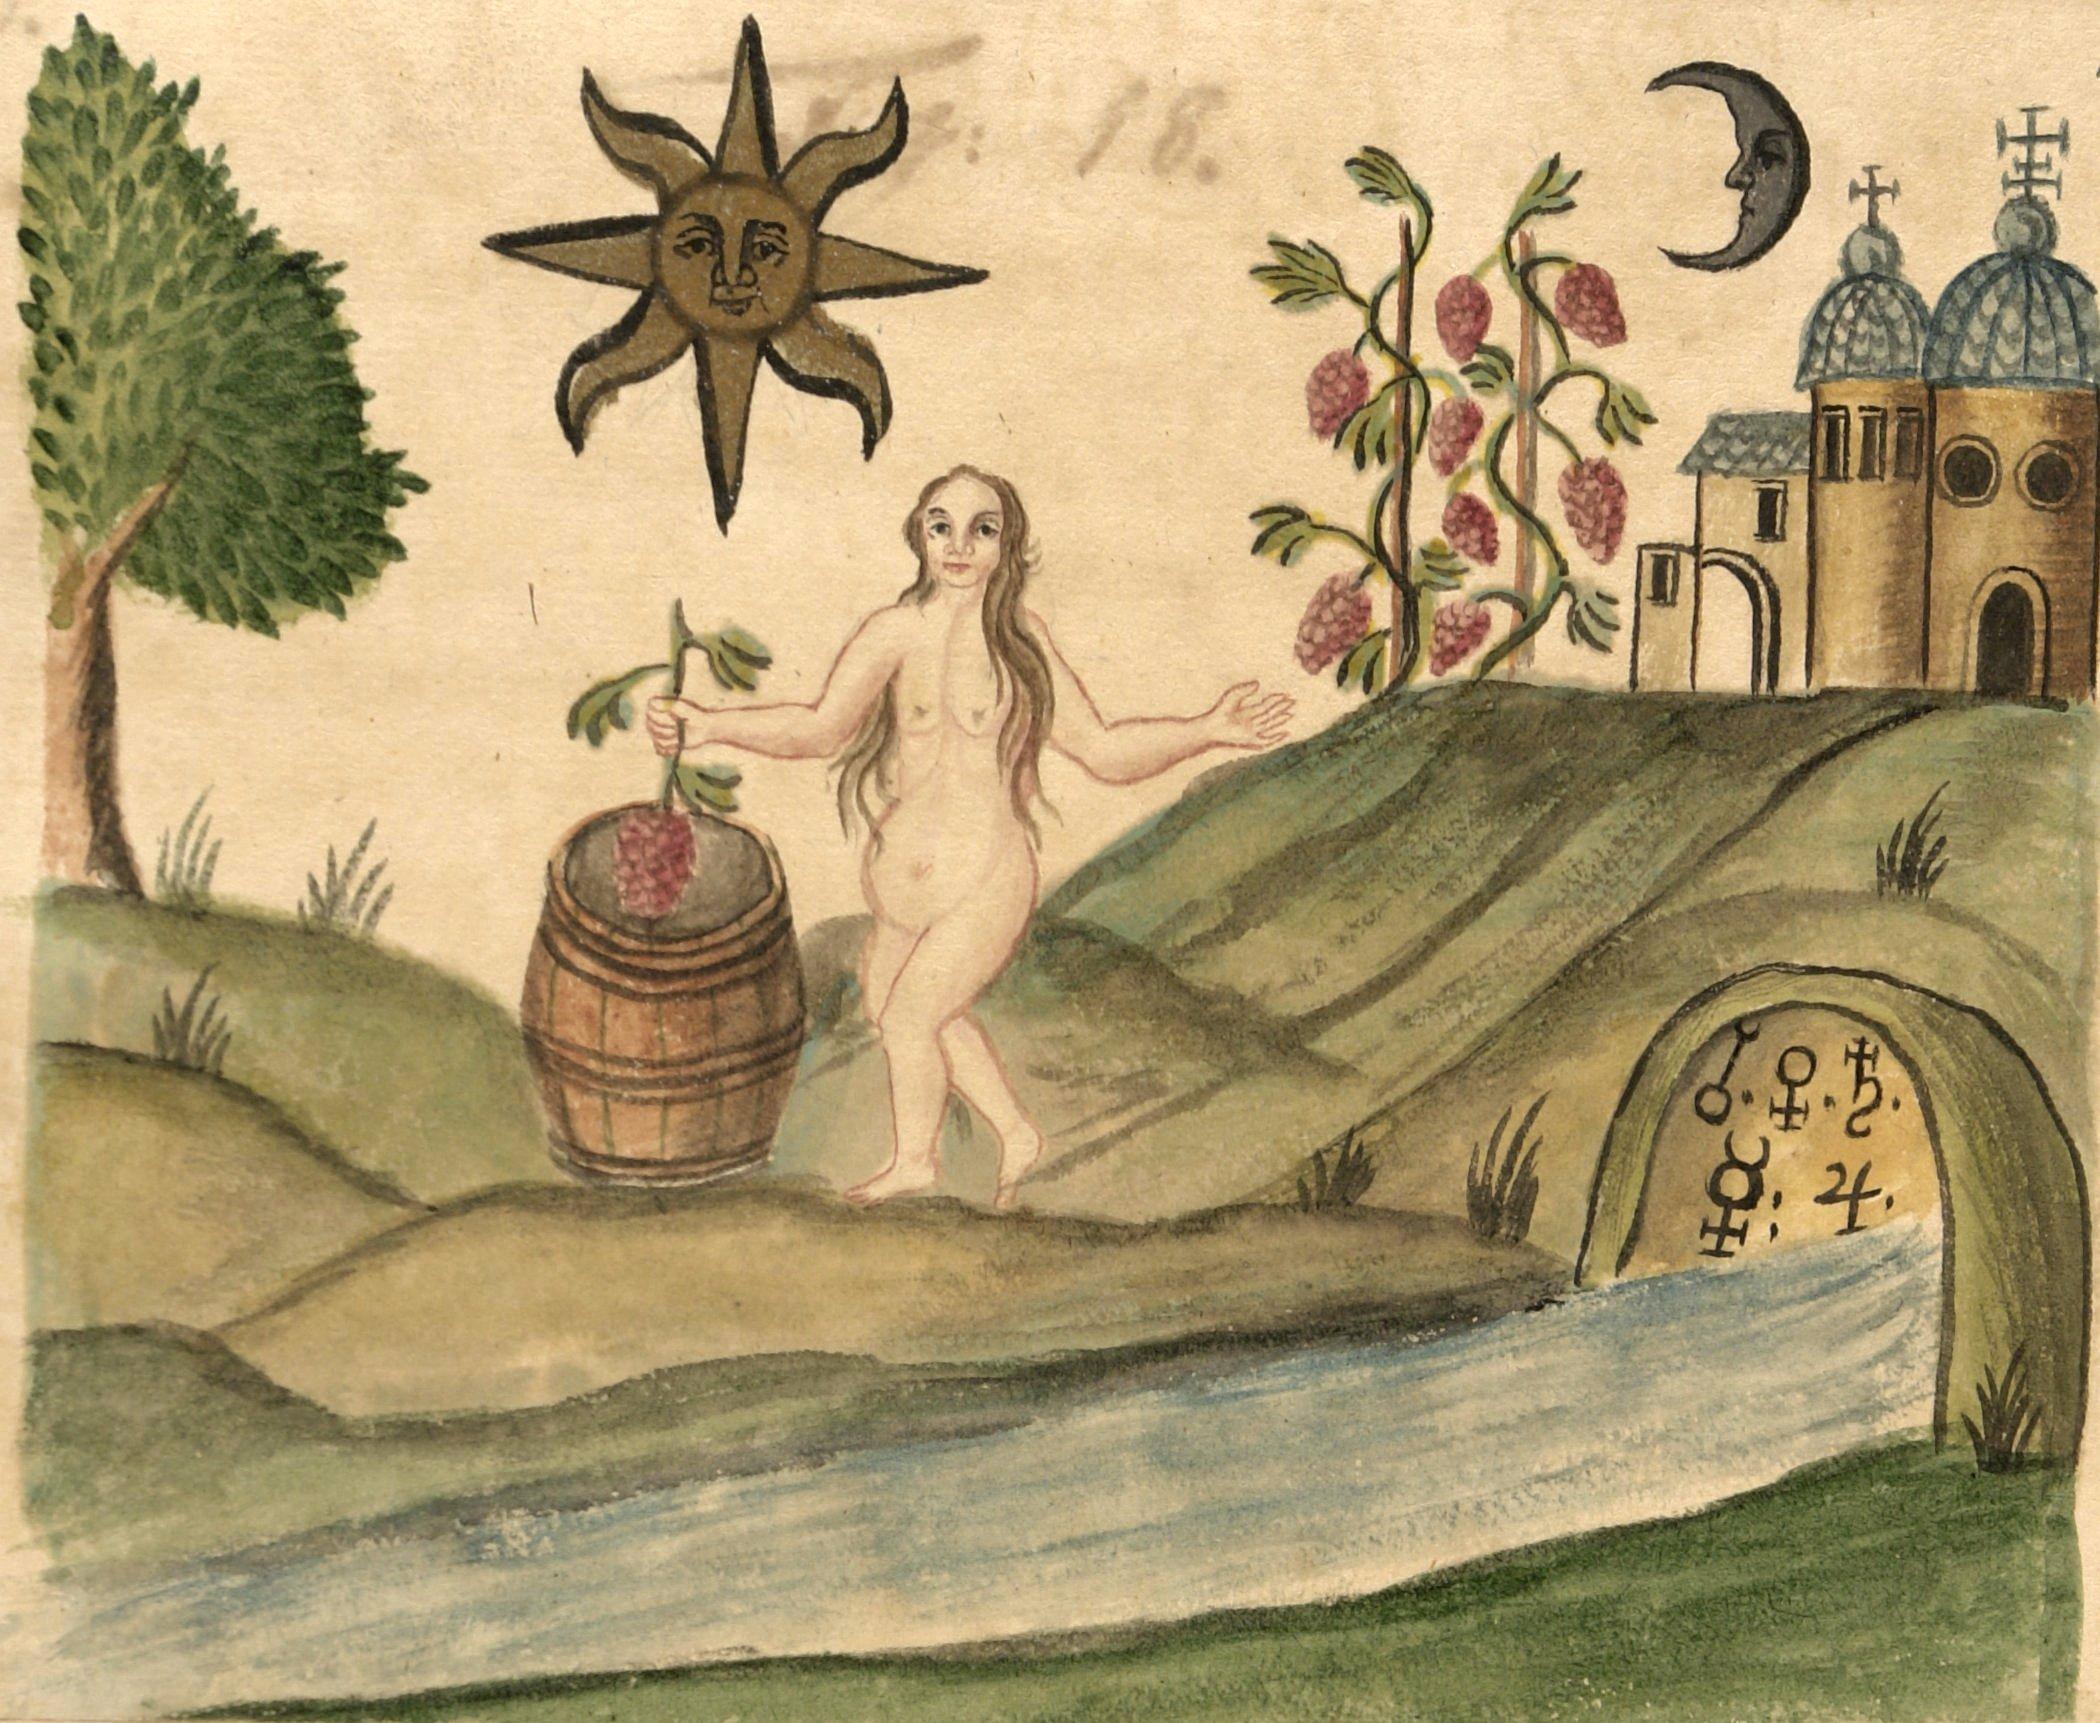 Il Mistero della Fontana Aurea: simboli segreti della sorgente vitale interiore – Stefano Mayorca